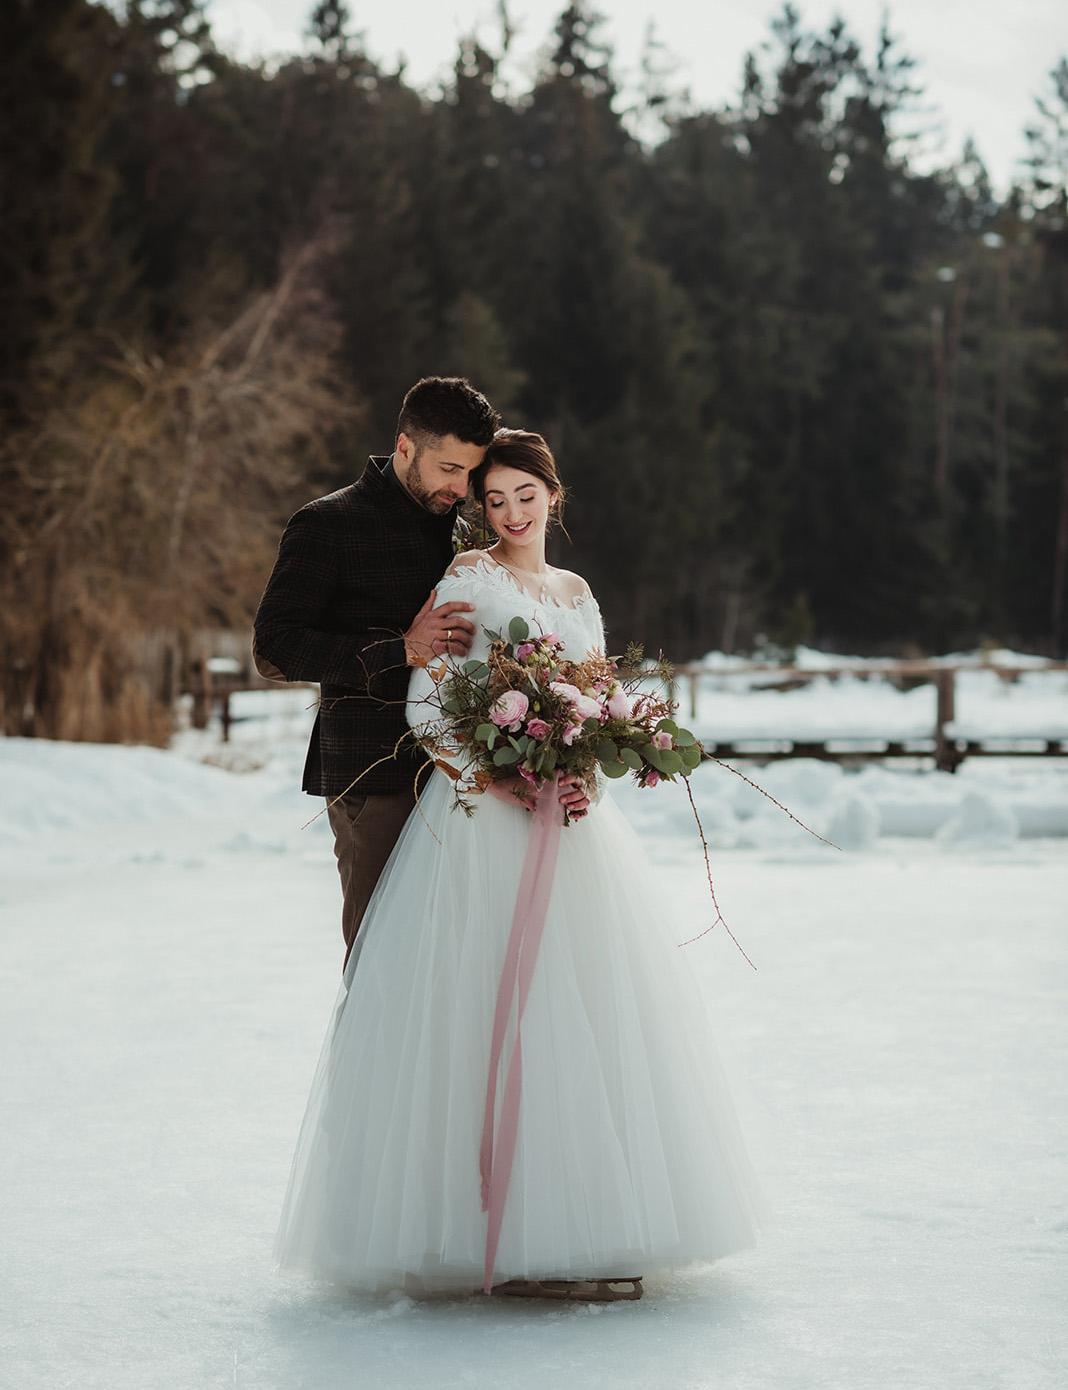 Romantico matrimonio invernale con mazzo sui toni del rosa antico